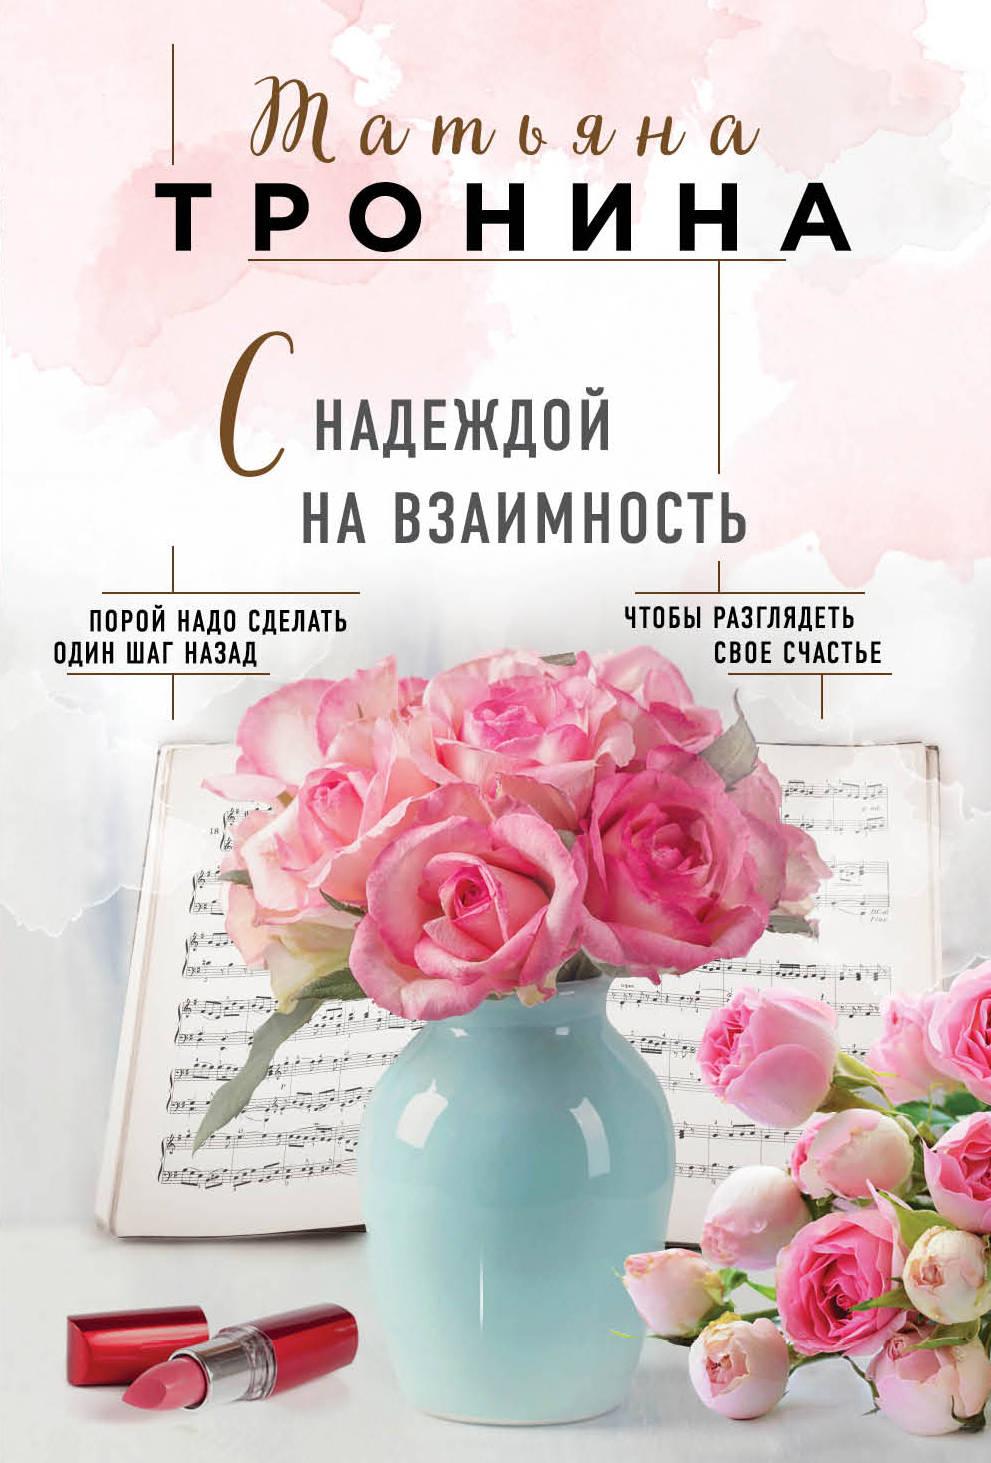 Тронина Татьяна Михайловна С надеждой на взаимность